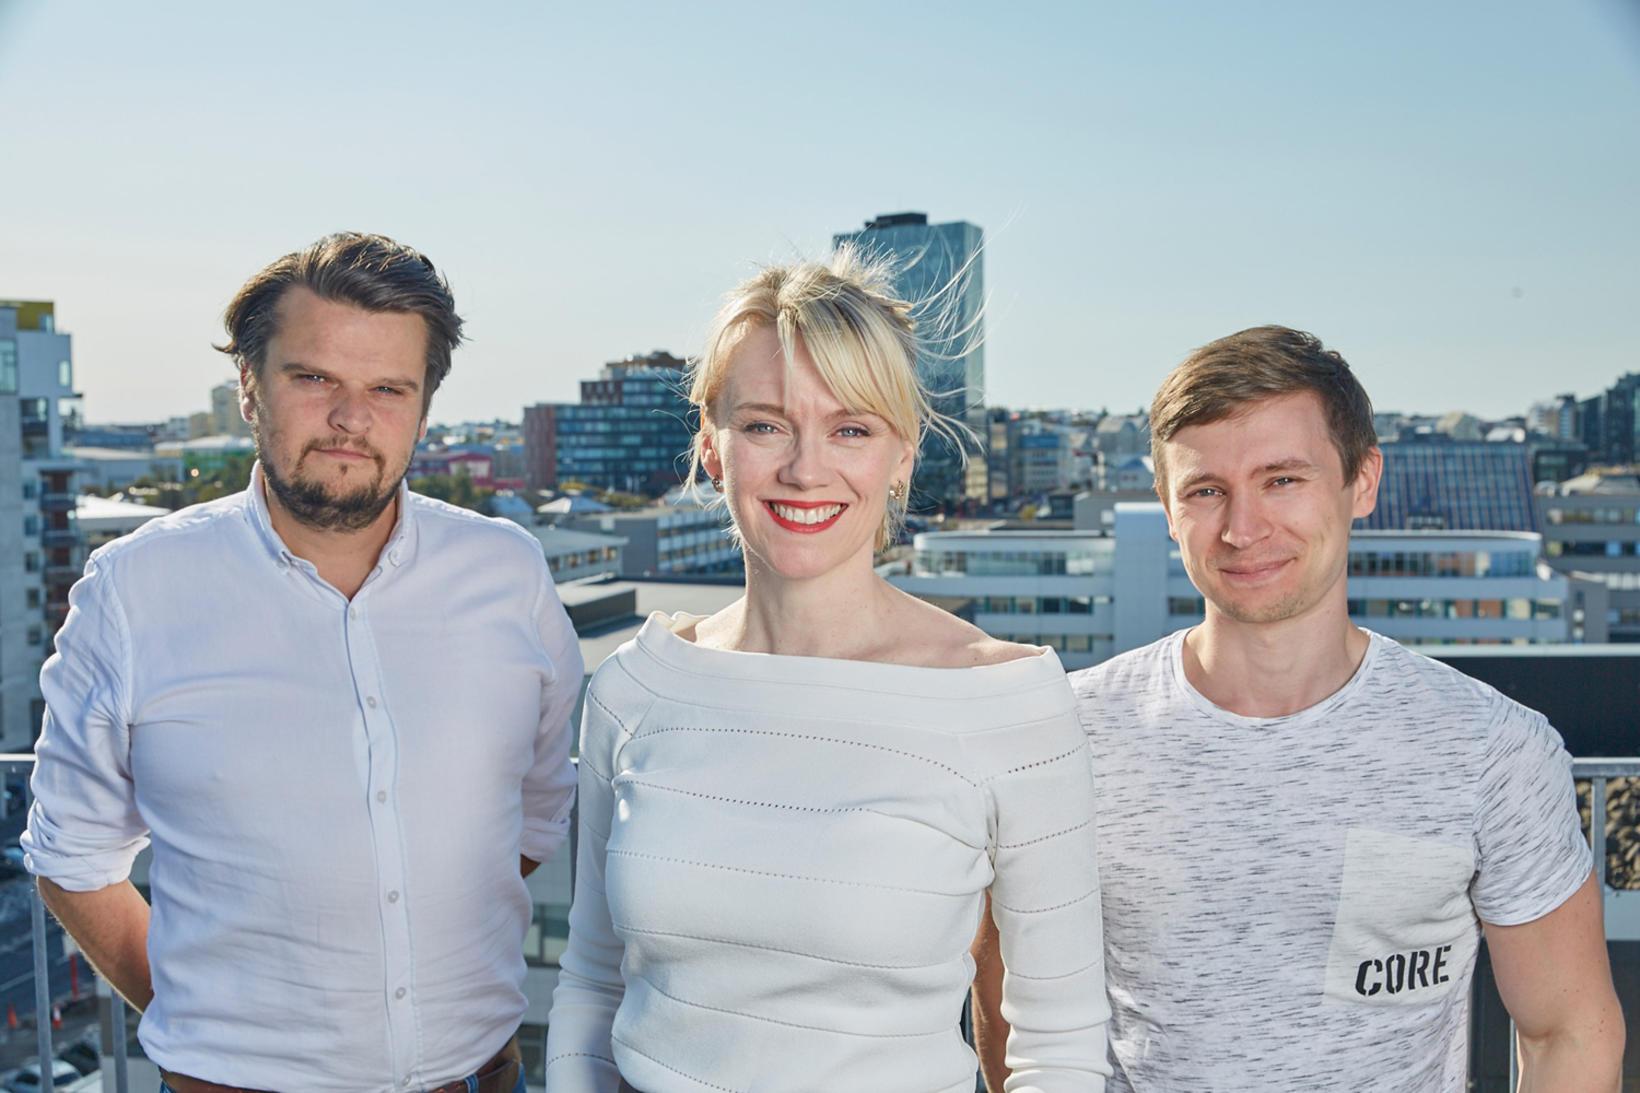 Hilmar Þór Birgisson, Margrét Júlíana Sigurðardóttir and Jón Gunnar Þórðarson …